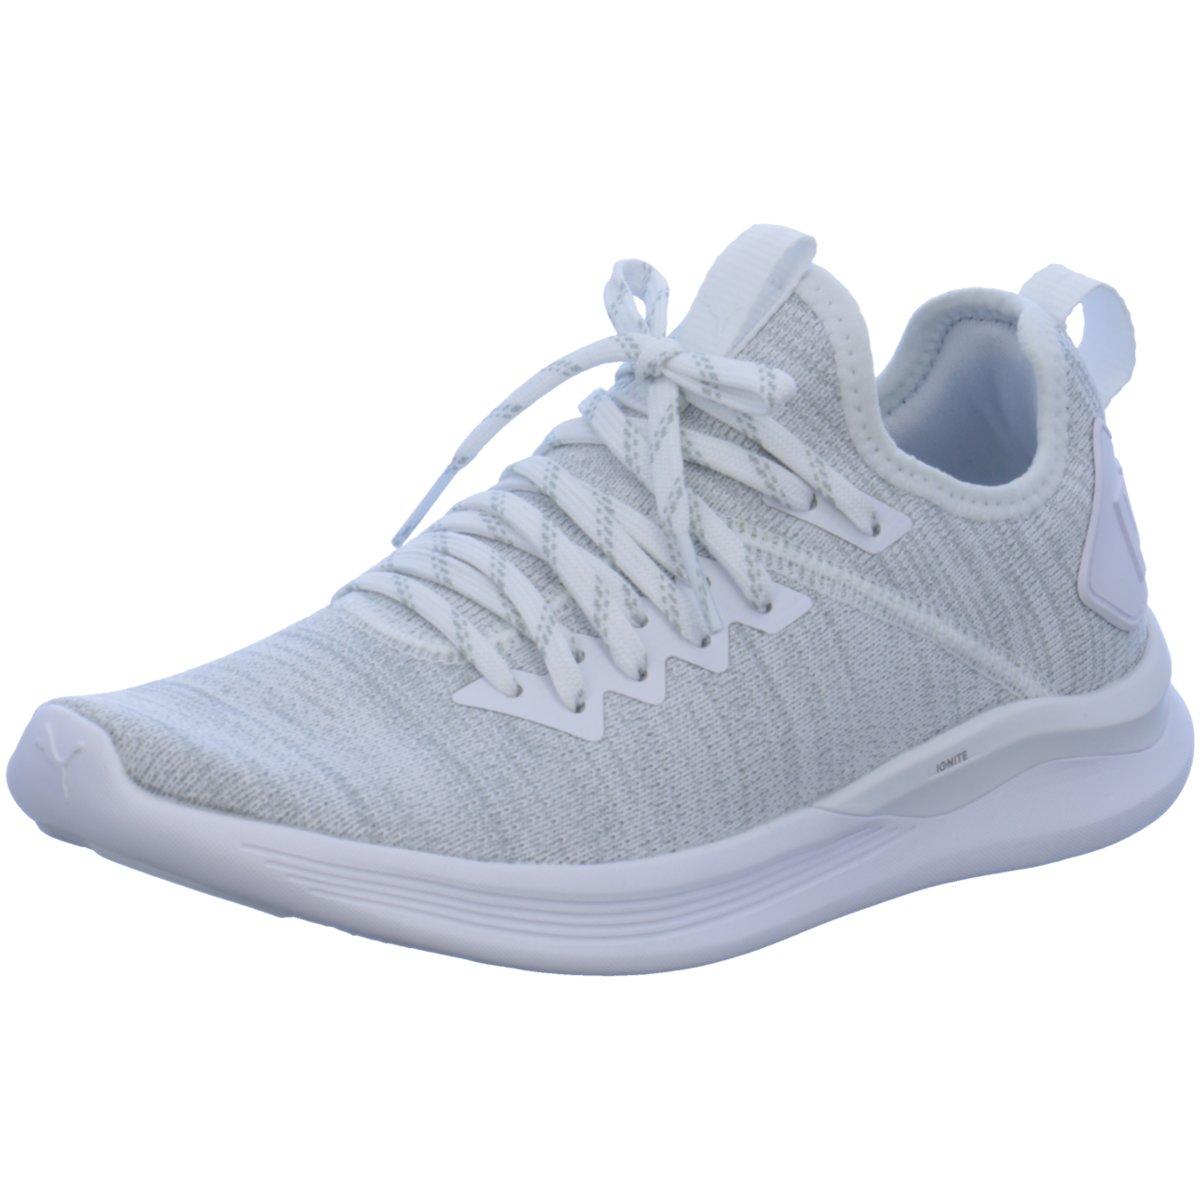 NEU Puma Damen Sneaker evoKnit Ignite Flash evoKnit Sneaker 190511/002 grau 420197 05faba